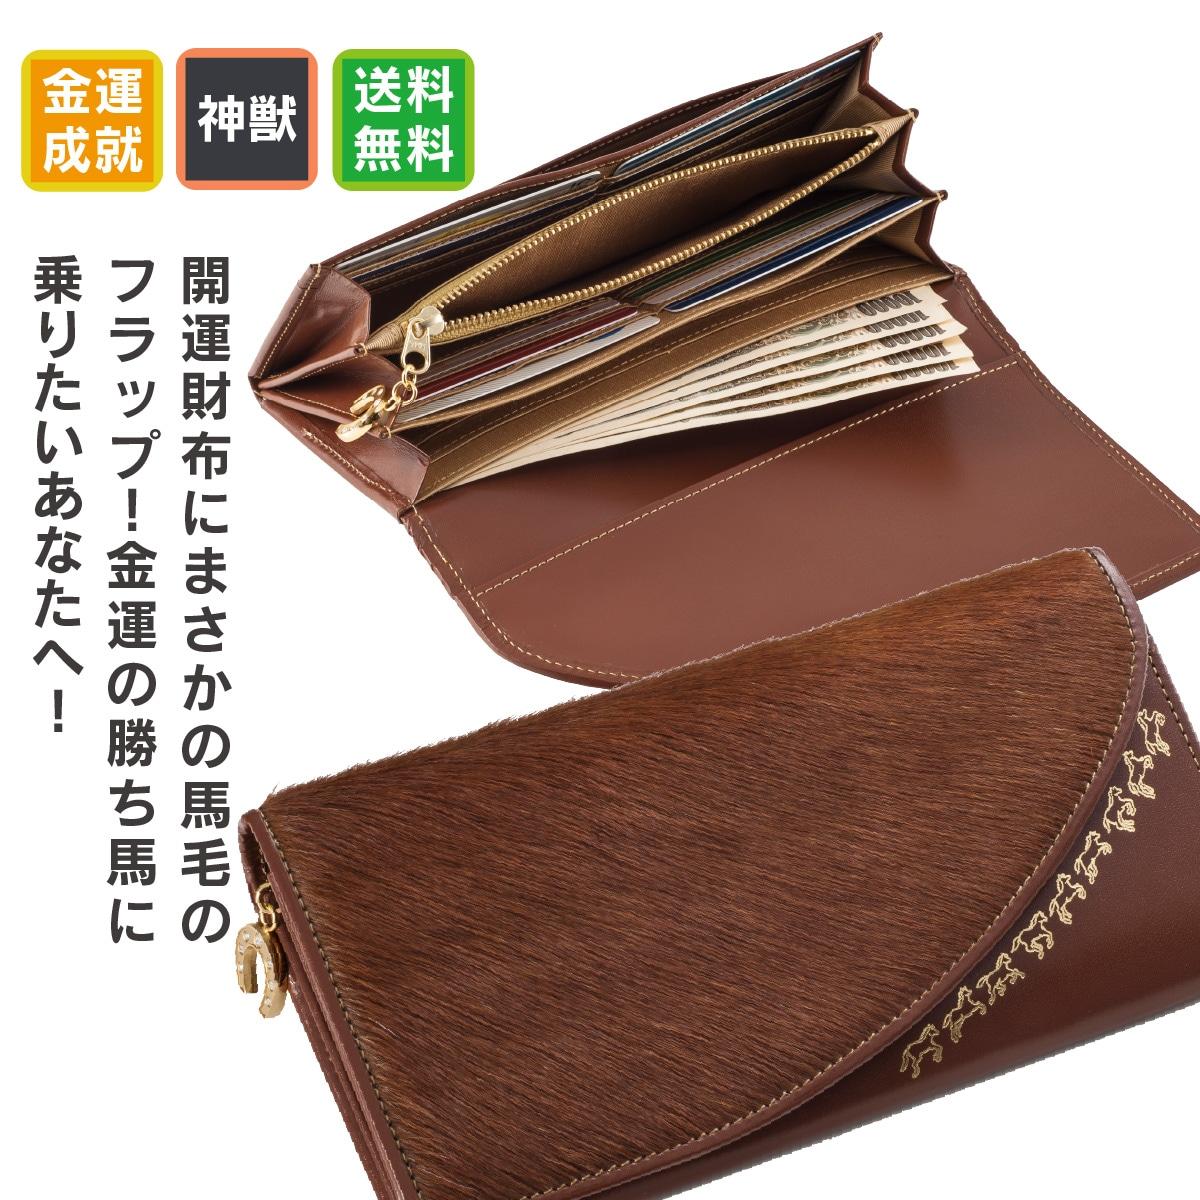 九頭馬の財布